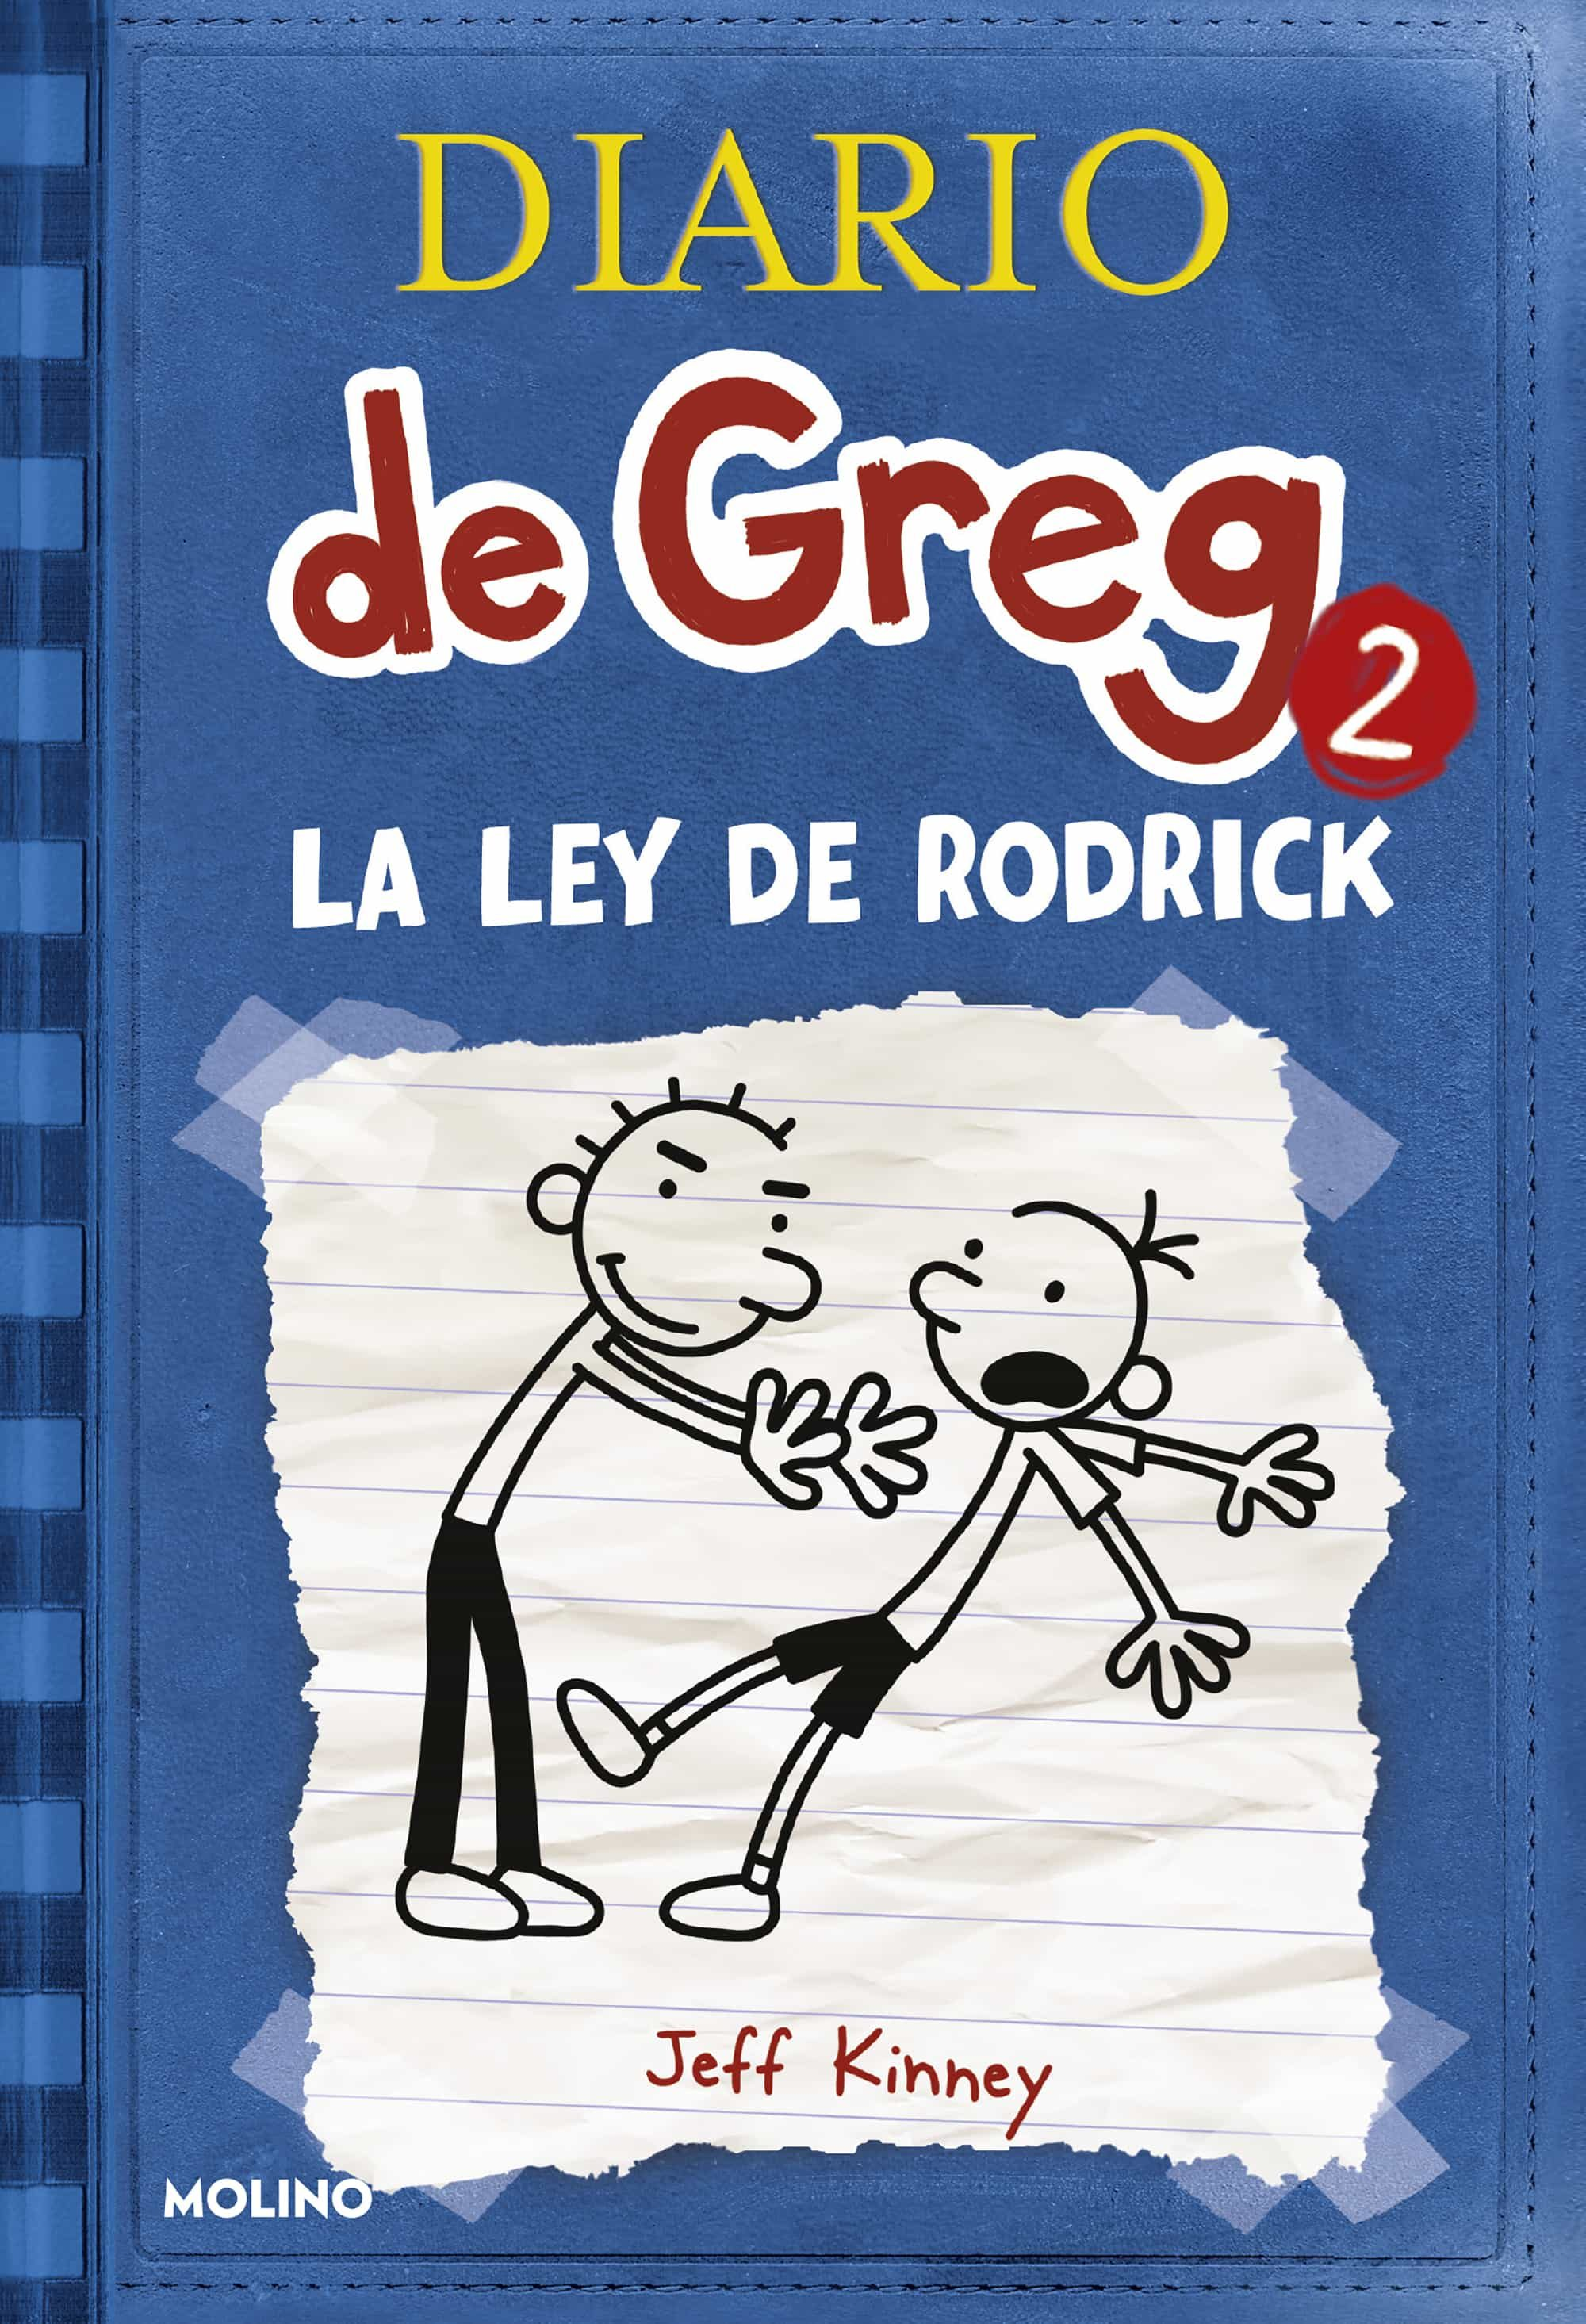 Diario De Greg 2 : La Ley De Rodrick por Jeff Kinney